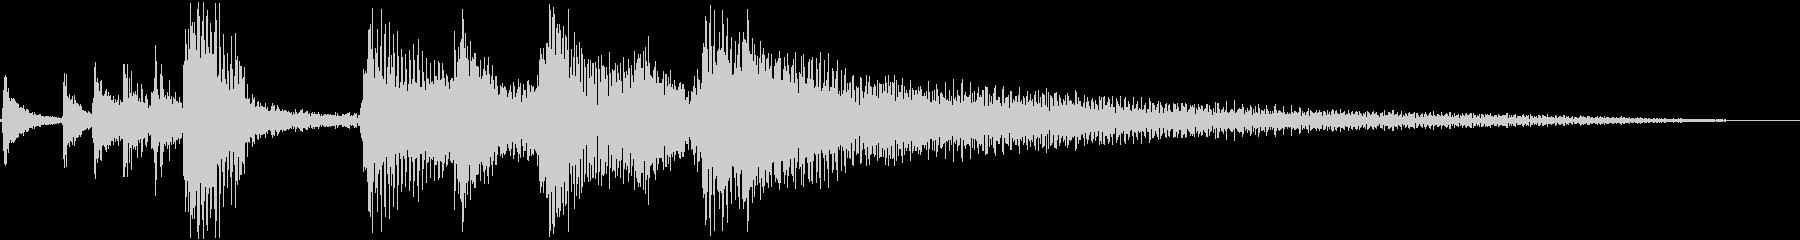 ウクレレやアコースティック楽器で演...の未再生の波形